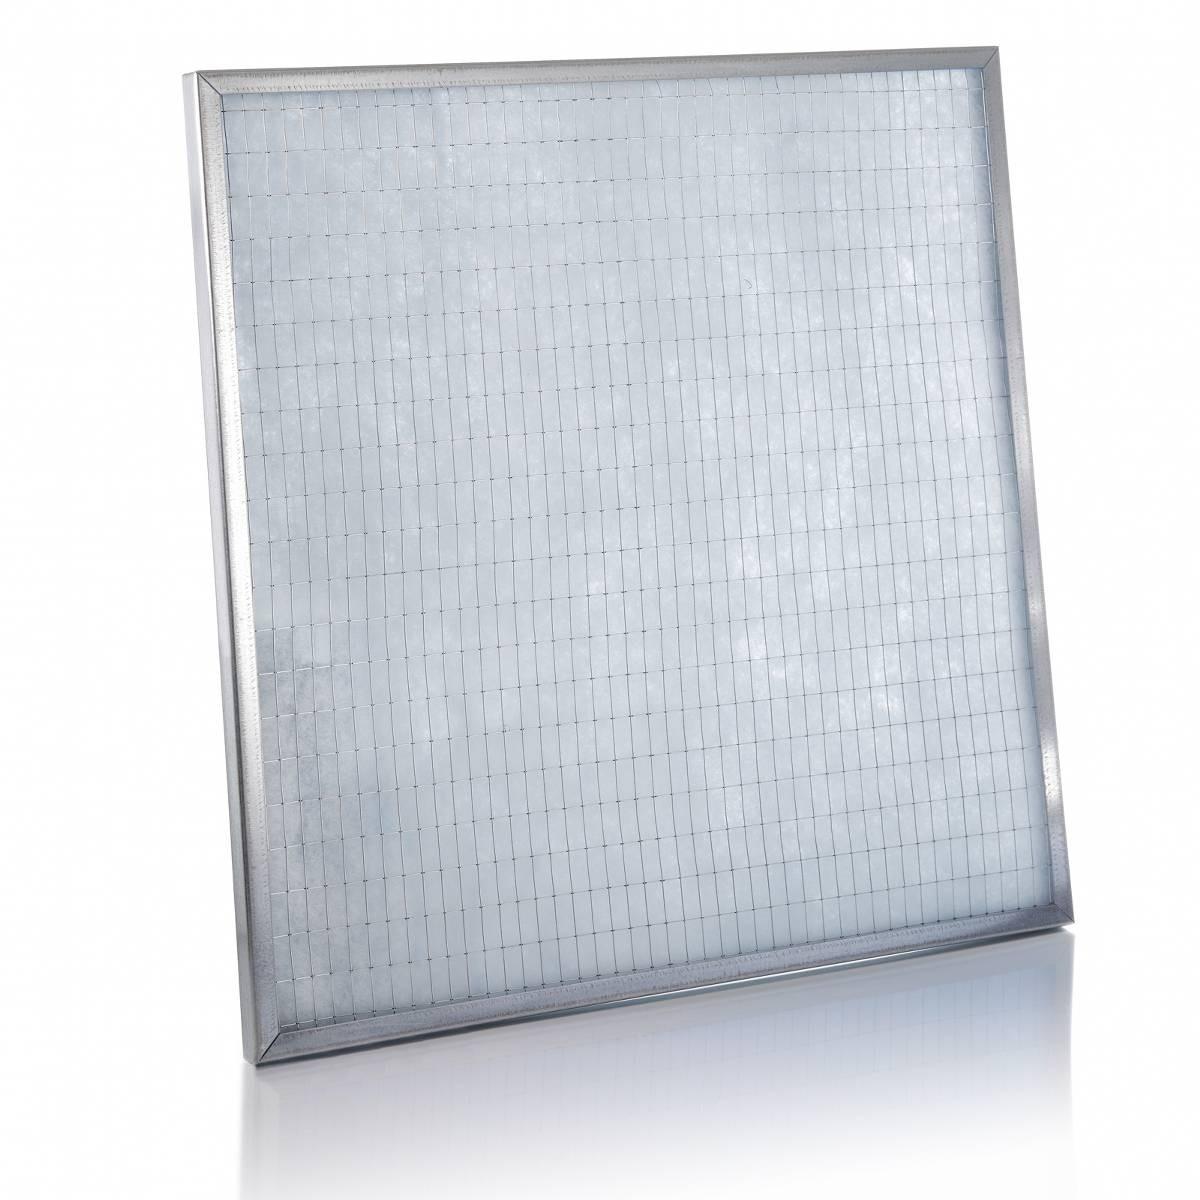 Cella filtrante sintetica piana efficienza G4 dimensioni 400x500x22 mm